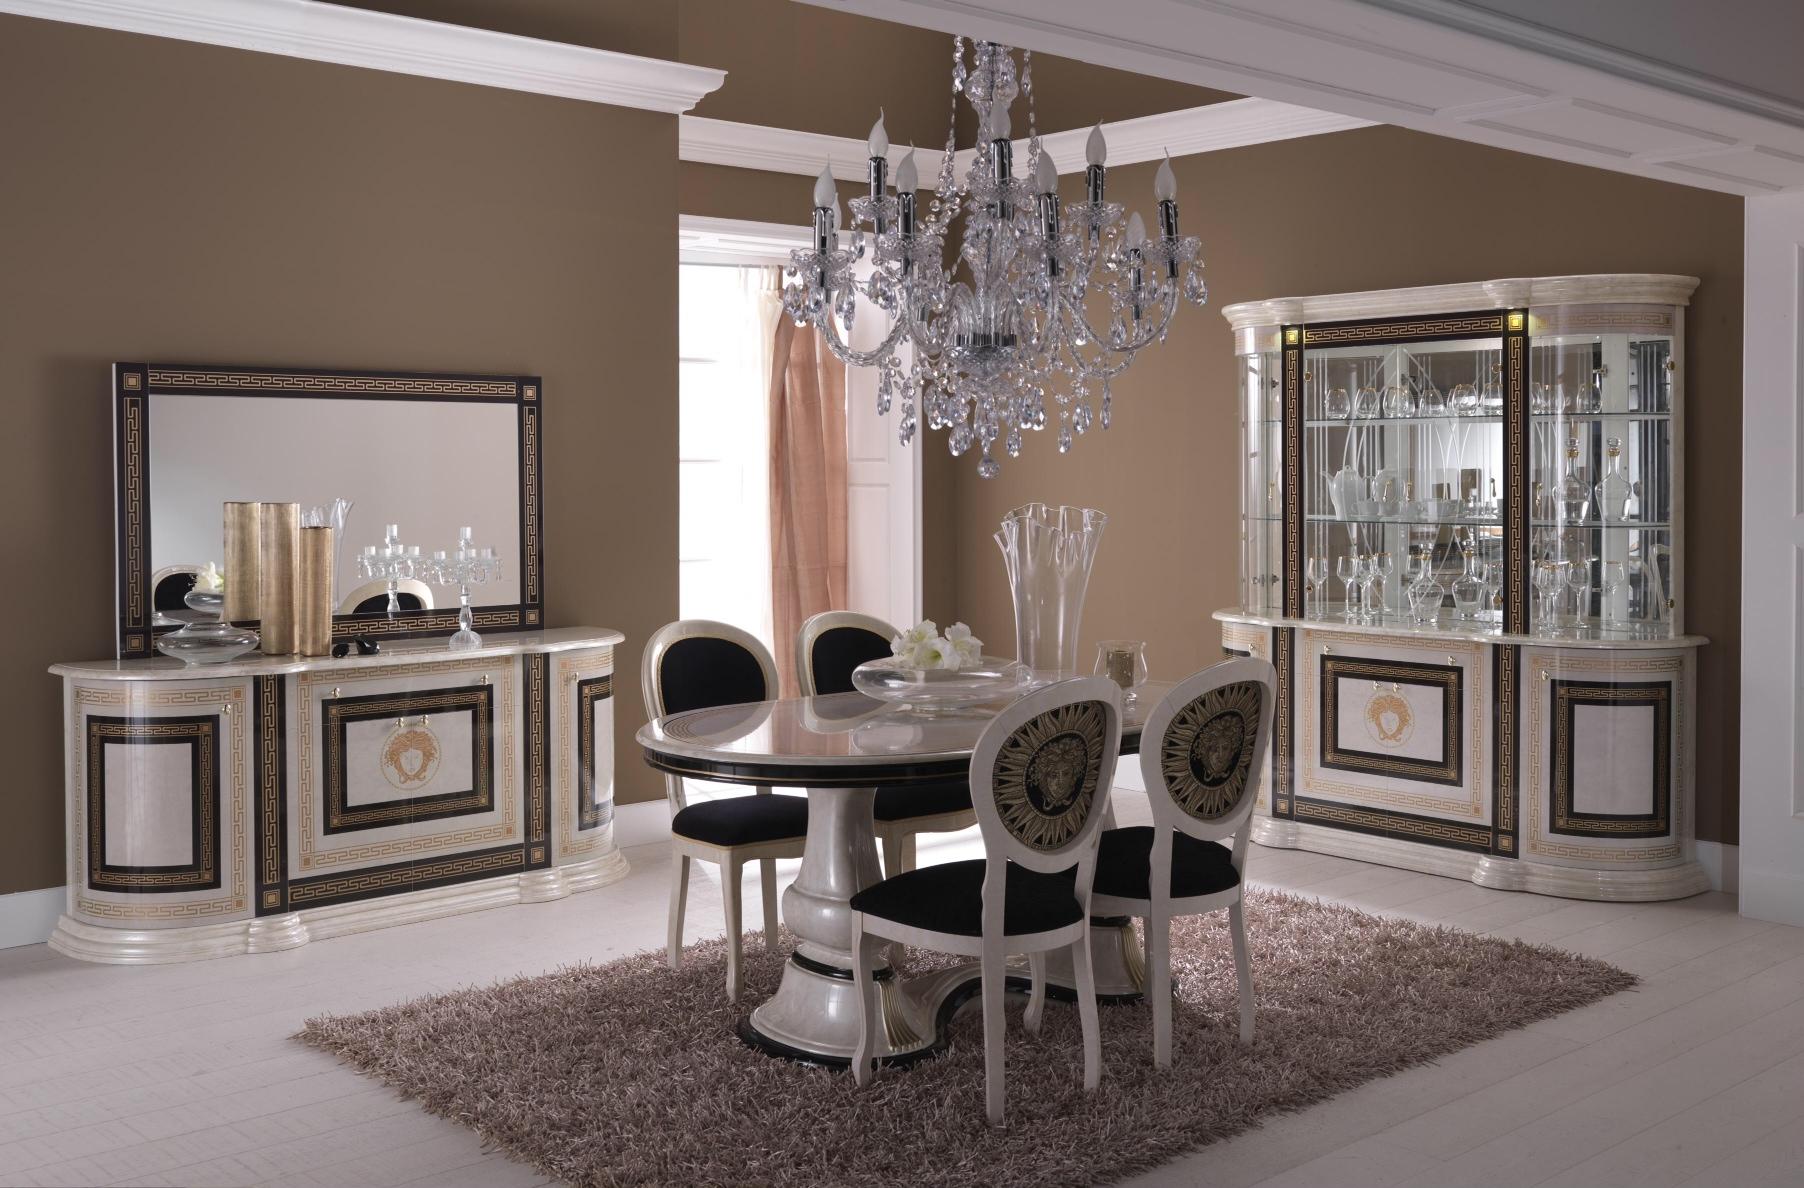 #6E5B4E Italienische Esszimmer Temiz Möbel Italienische Möbel  3907 salle à manger rustique conforama 1804x1188 px @ aertt.com